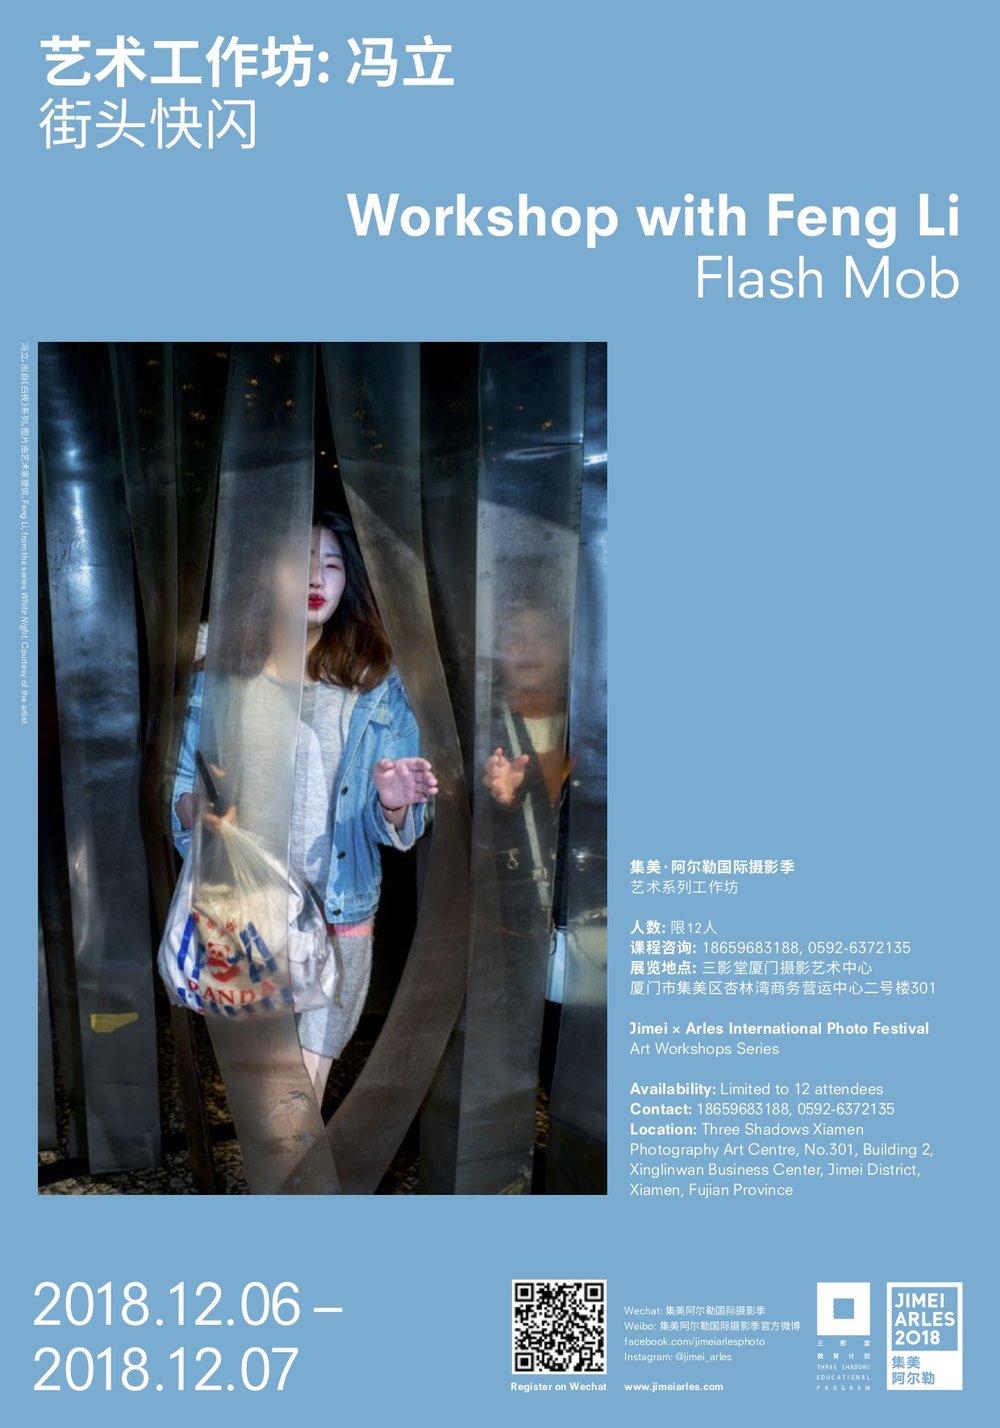 JIMEIARLES_Workshop Poster_Digital_Feng_Li.jpg